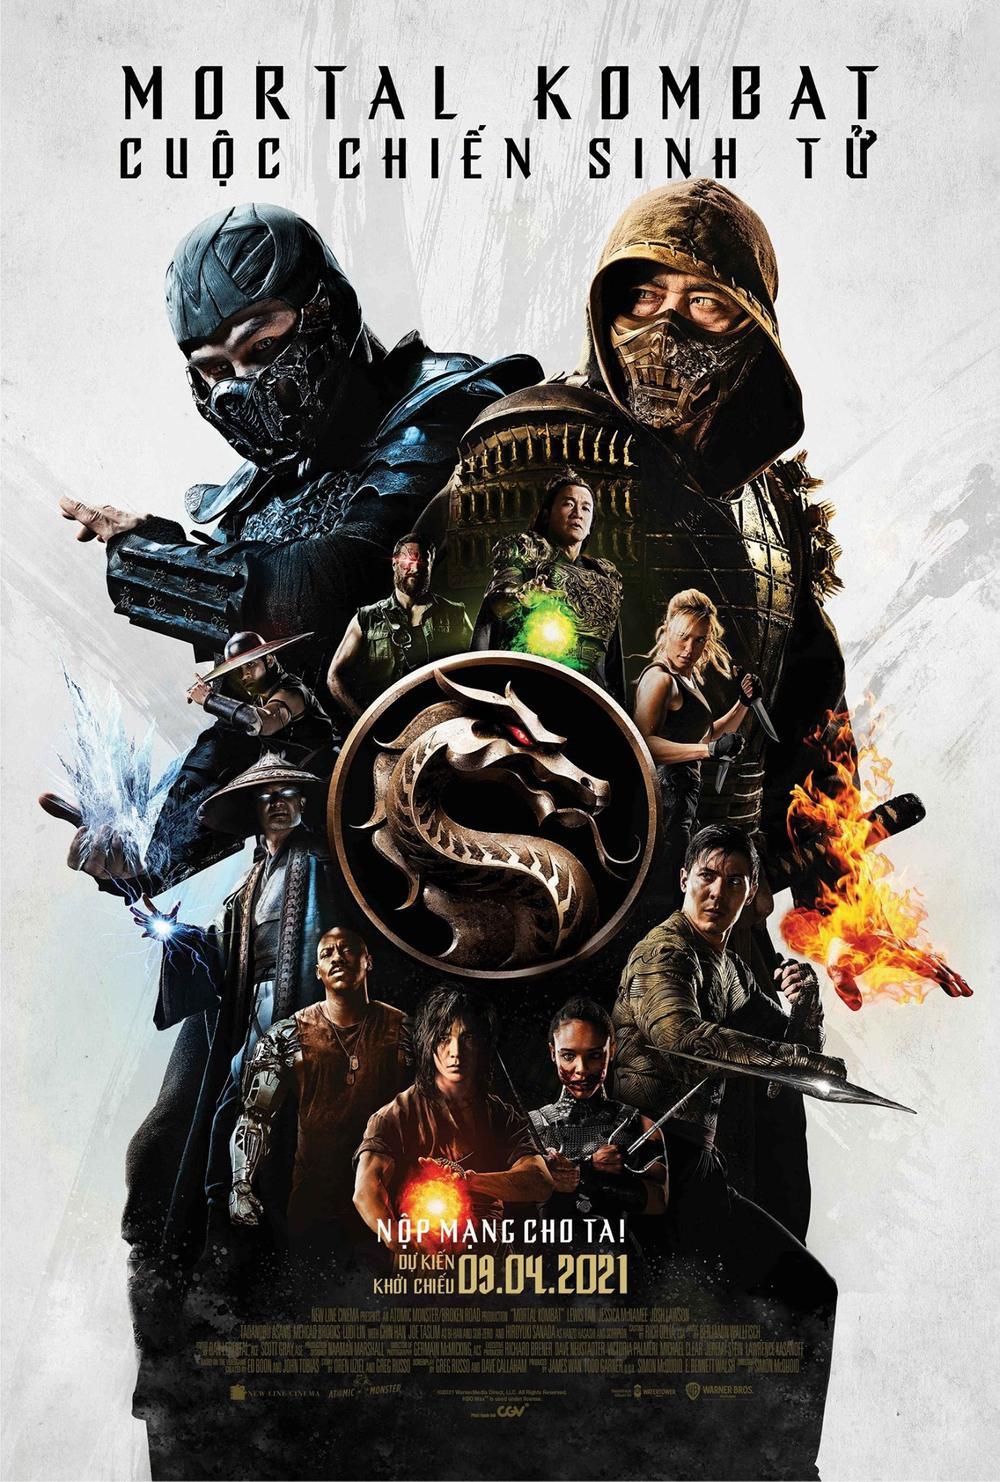 Điểm danh loạt diễn viên tham gia Mortal Kombat bản điện ảnh: Toàn các ngôi sao hành động ấn tượng Ảnh 1